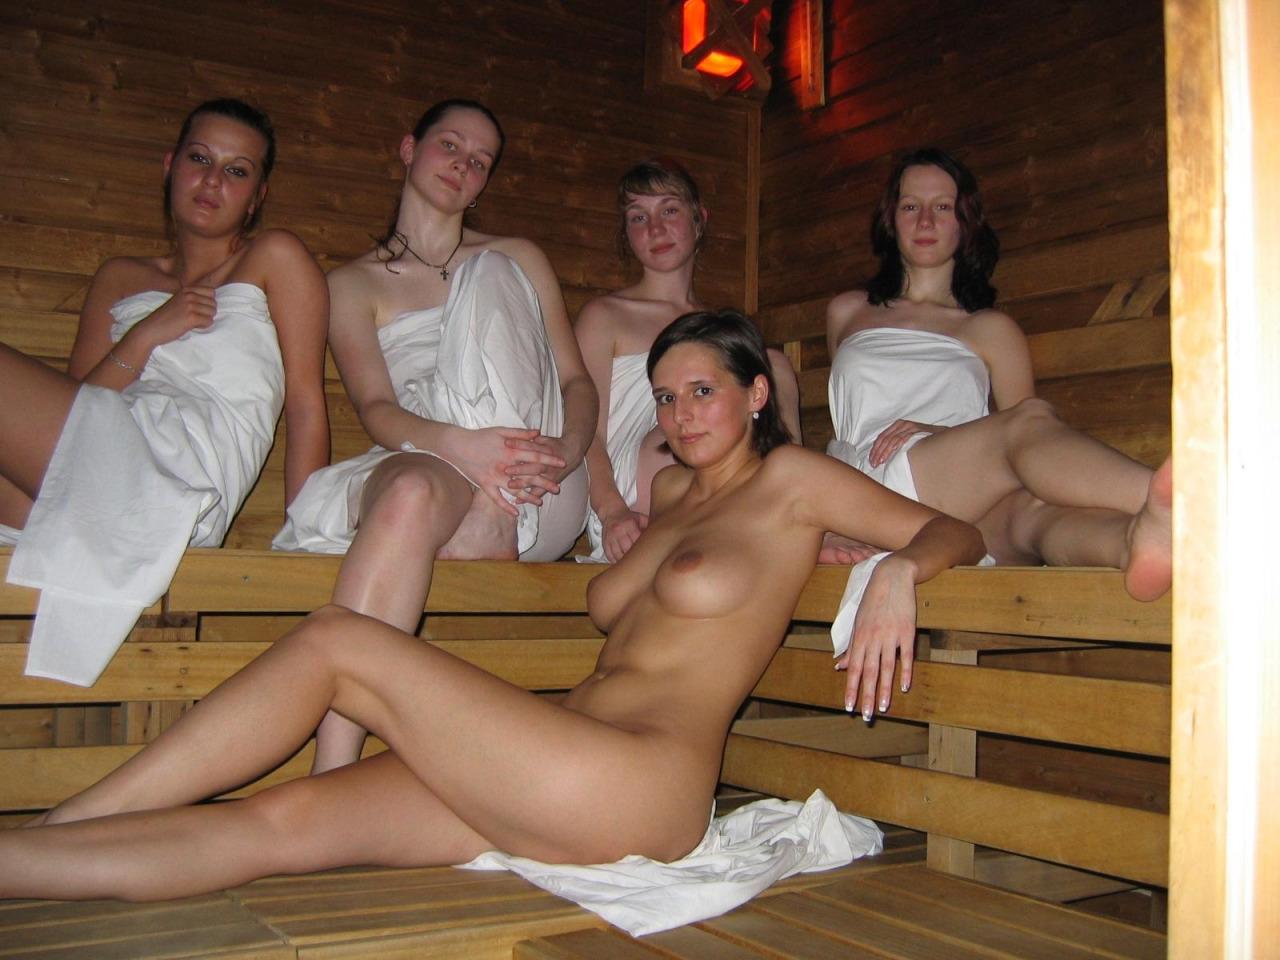 Частное в бан, Привет из баньки - Селфи и фото. ВКонтакте 5 фотография